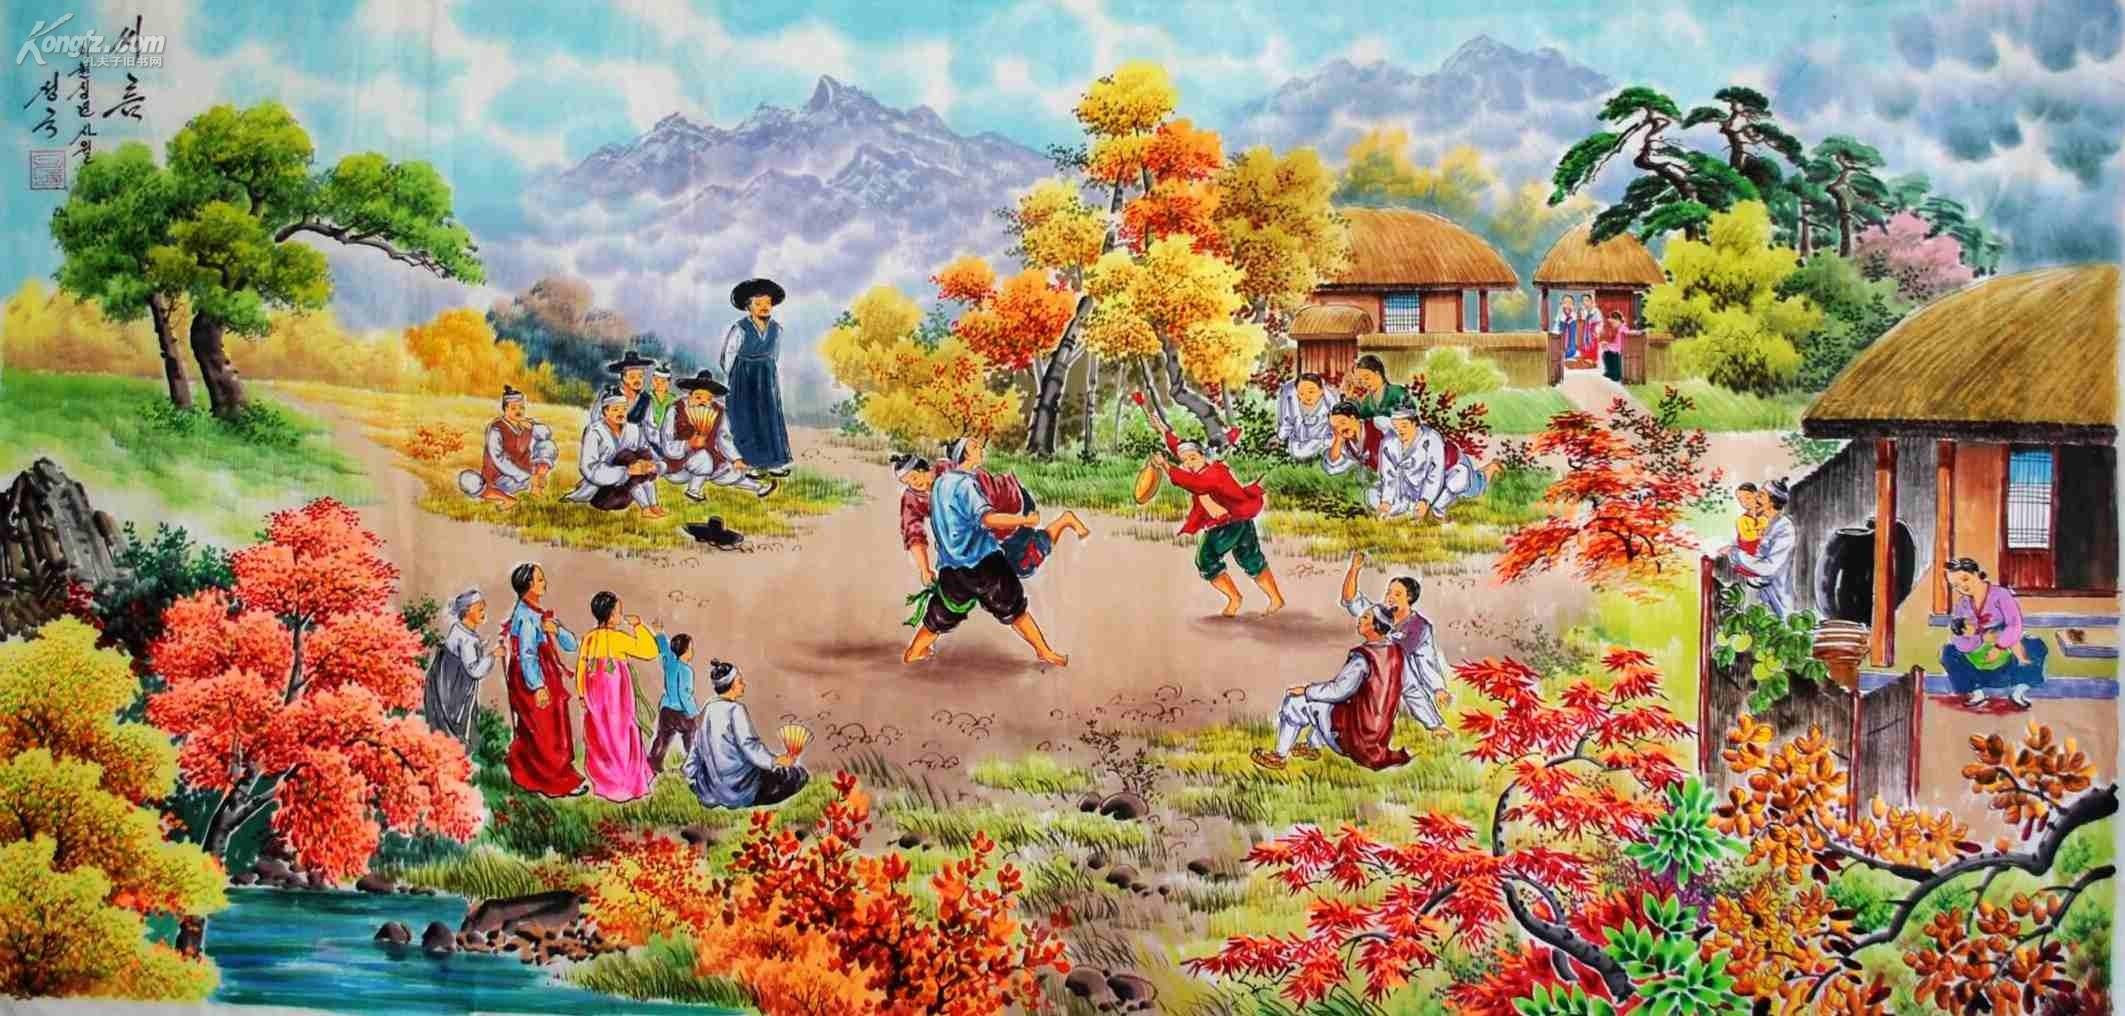 朝鲜民俗画 长140宽70cm 未裱 独特朝鲜民族韵味 可馈赠亲友,装点厅堂图片